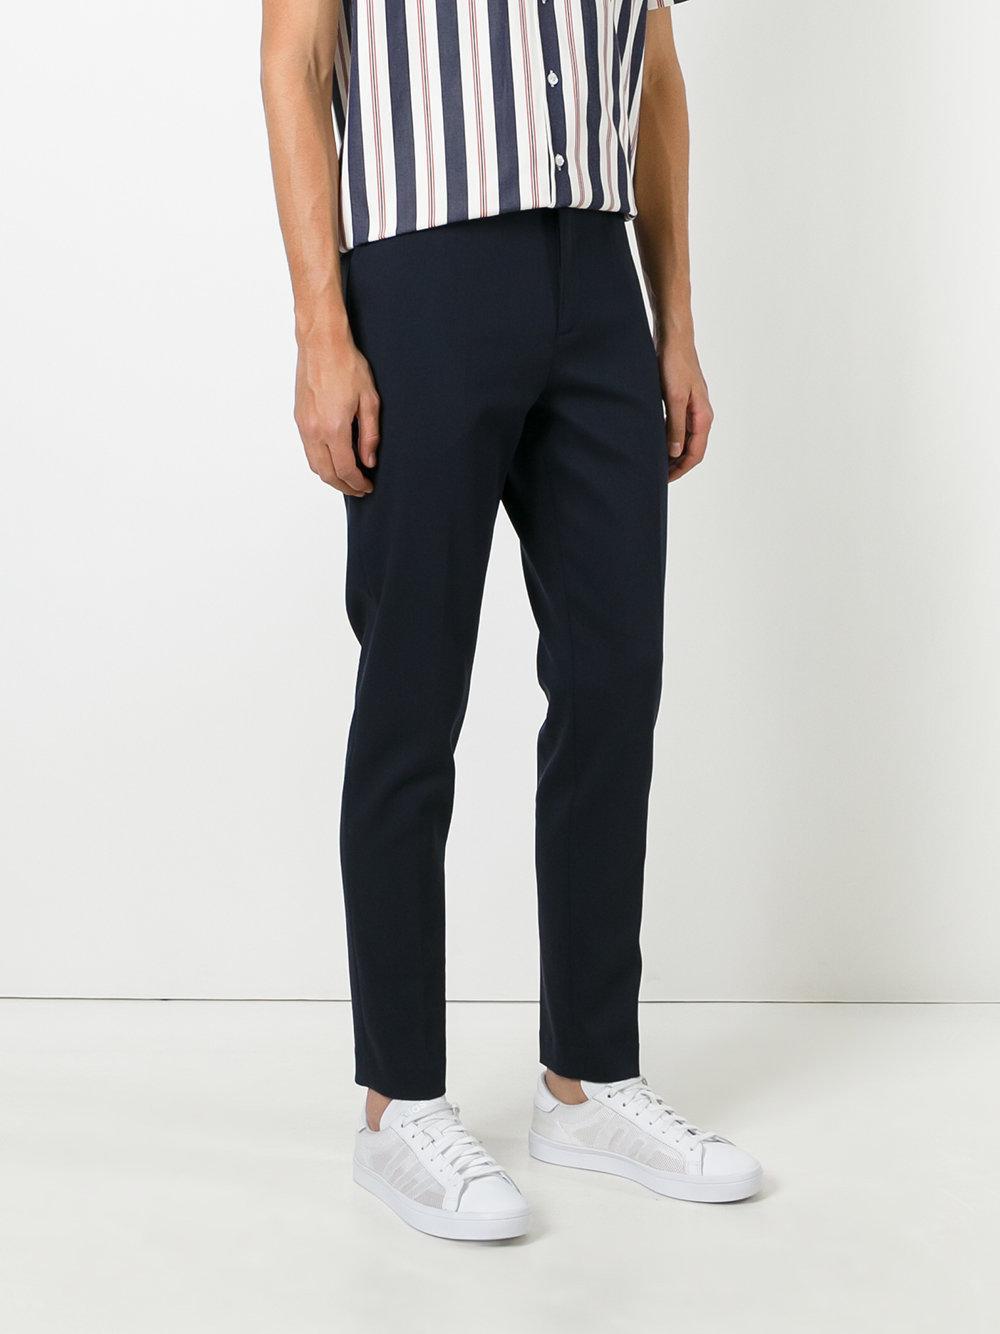 Libertine libertine mens trousers